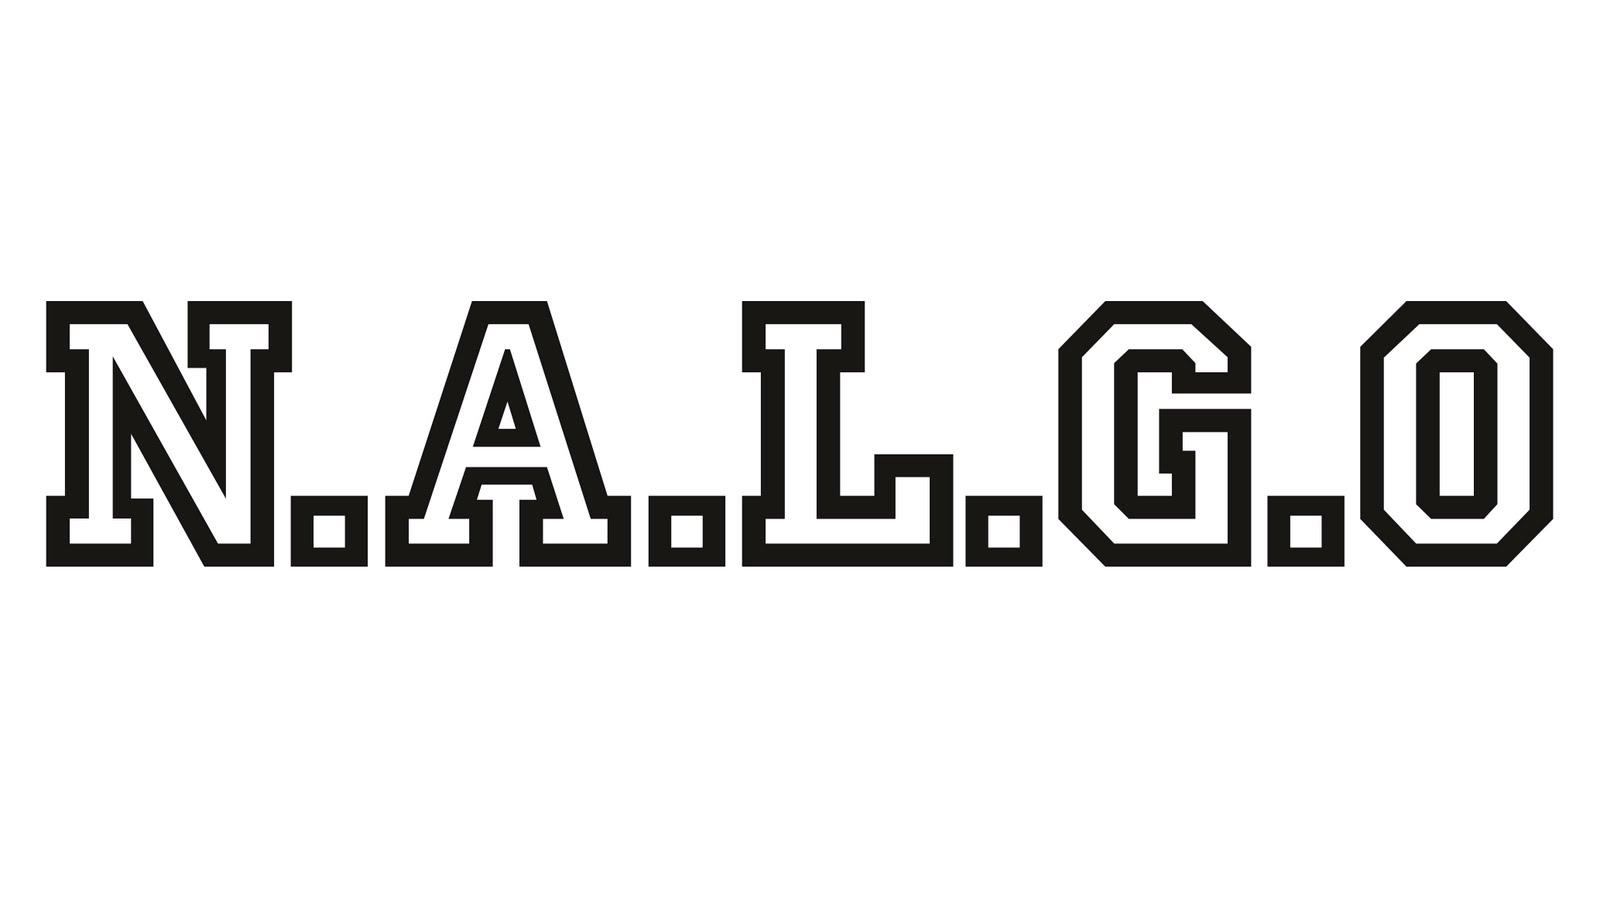 N.A.L.G.O